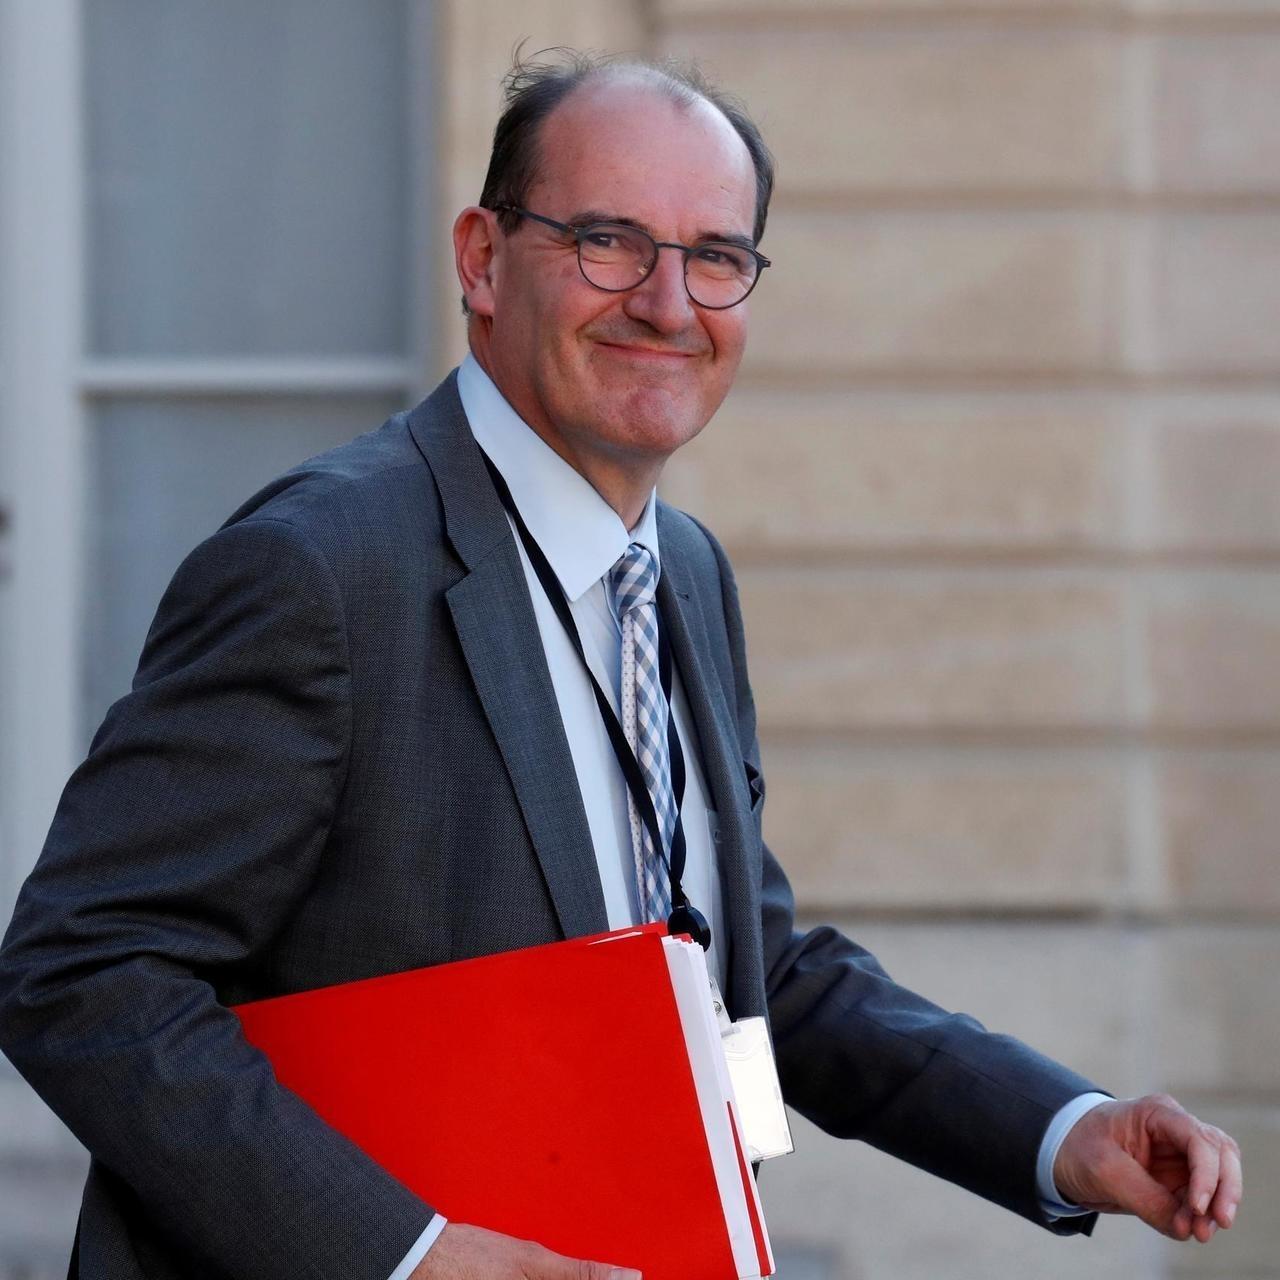 رئيس الوزراء الفرنسي الجديد جون كاستكس